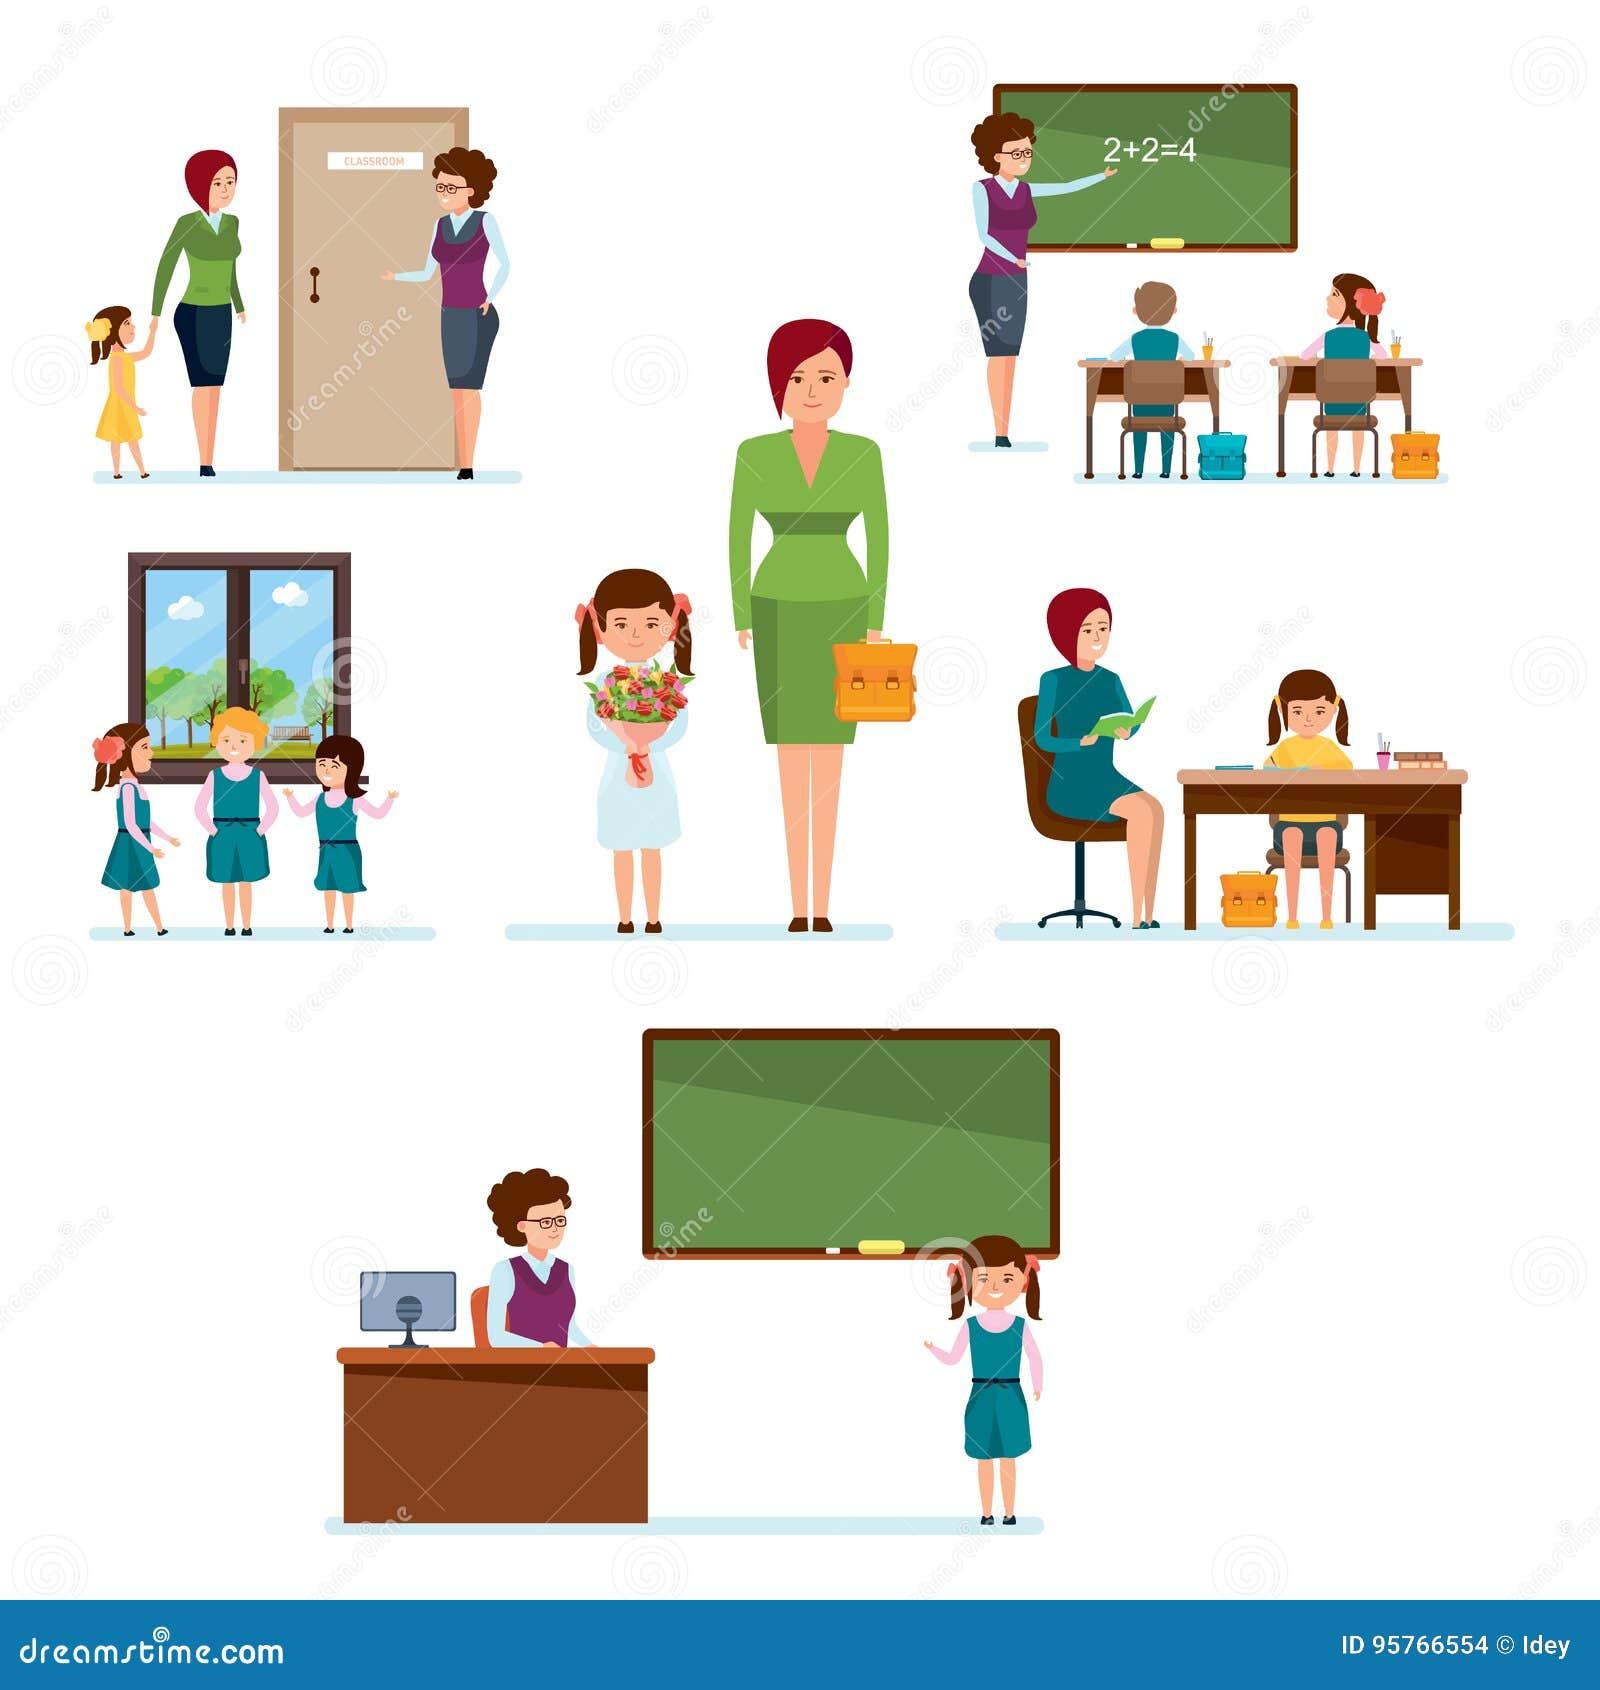 Hausarbeit kommunikation schule hausarbeit marketing dhfpg